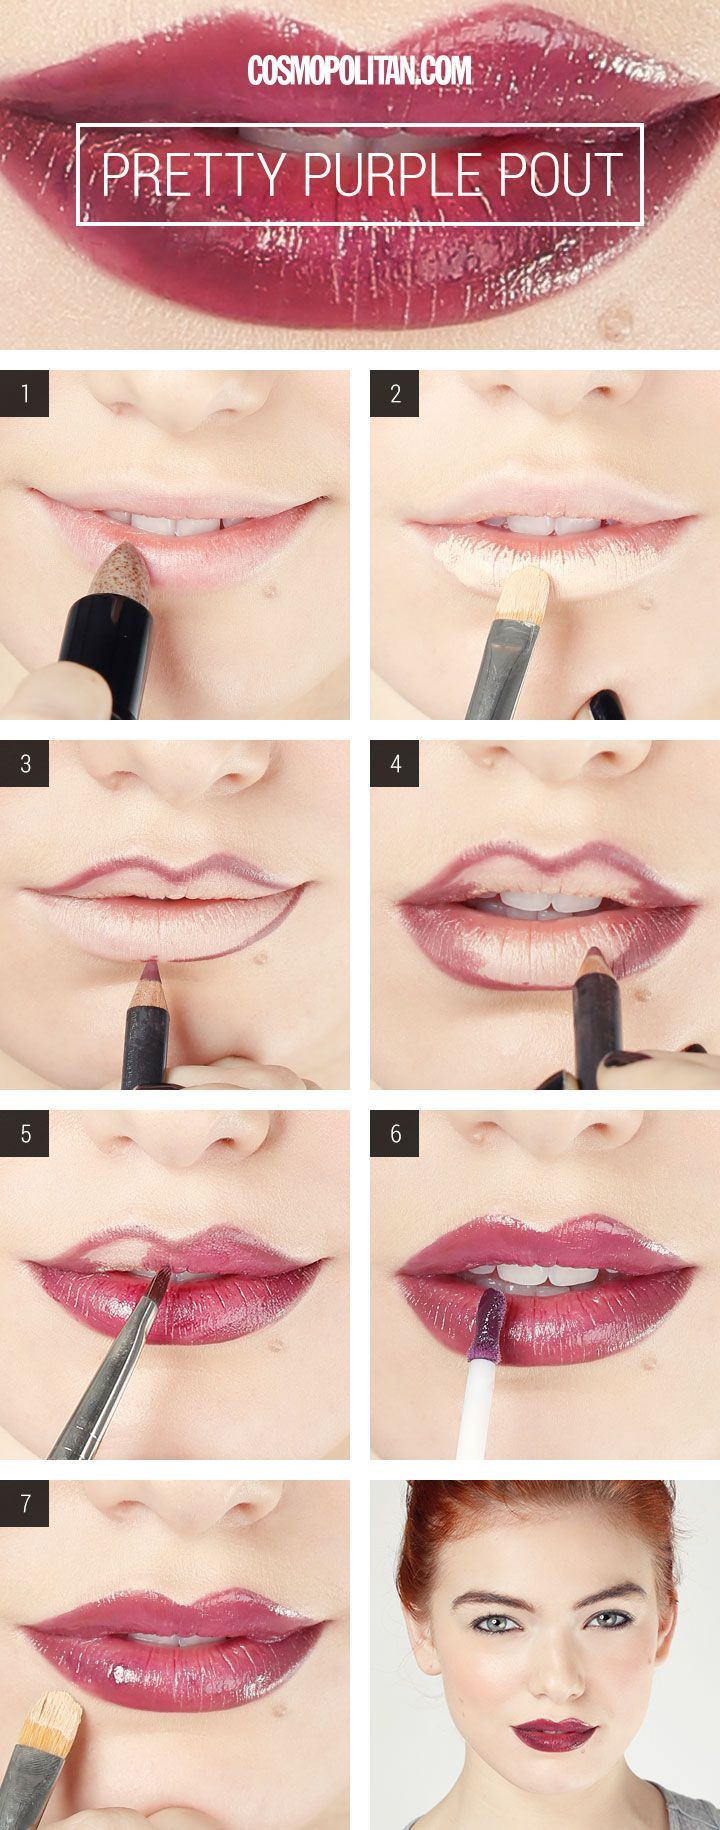 10 Tutoriales impresionantes para tus Labios - Belleza